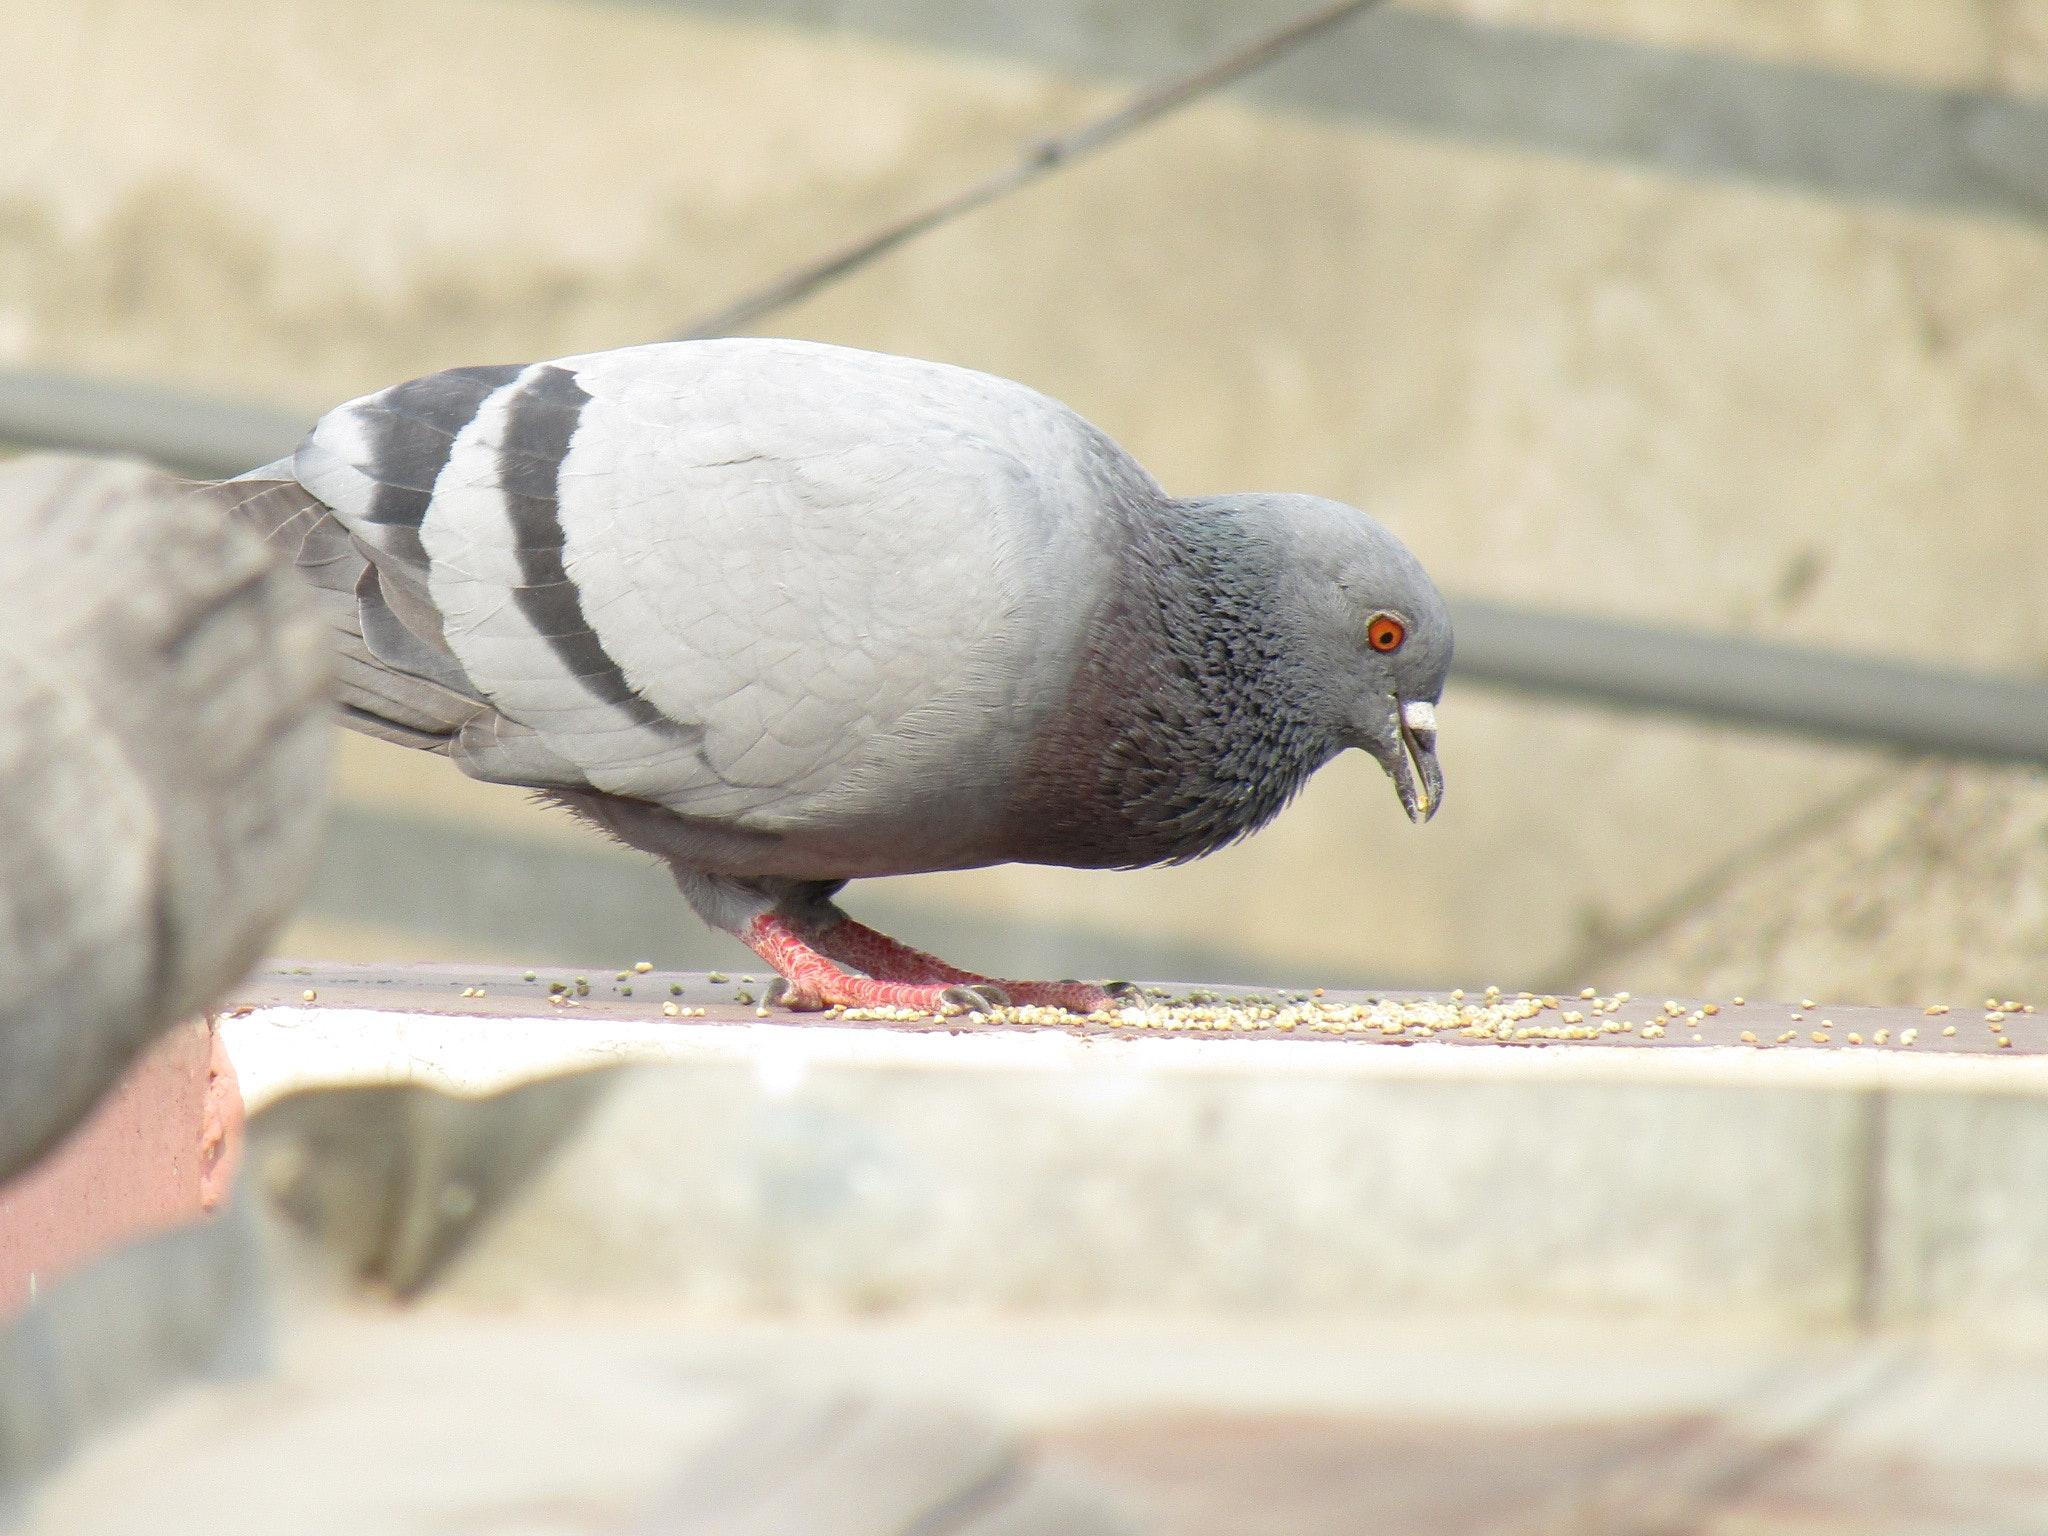 Download 62+  Gambar Burung Dara Makan HD Paling Bagus Free